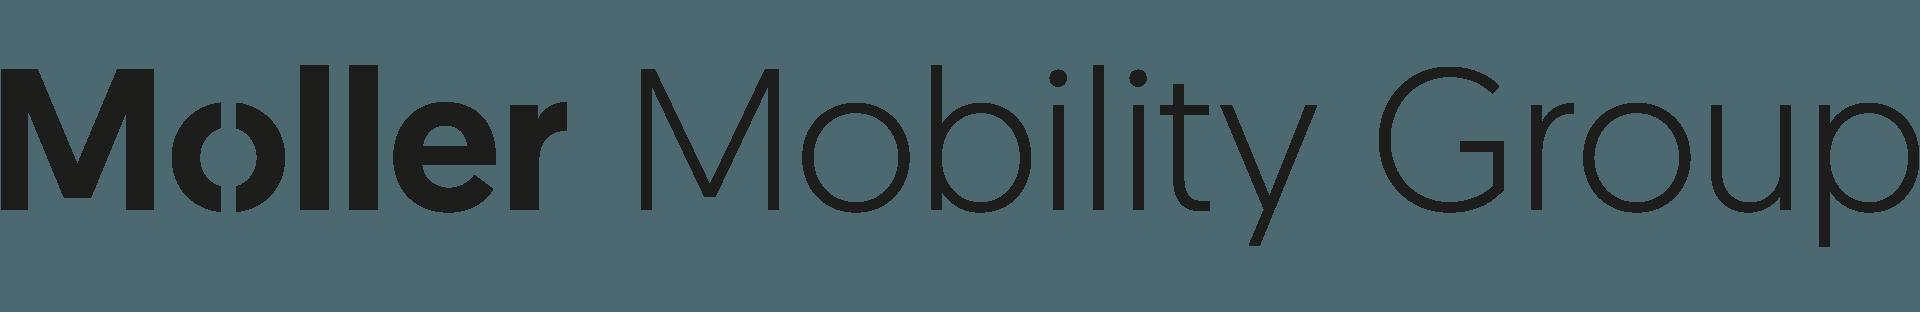 Møller-Mobility-Group.png